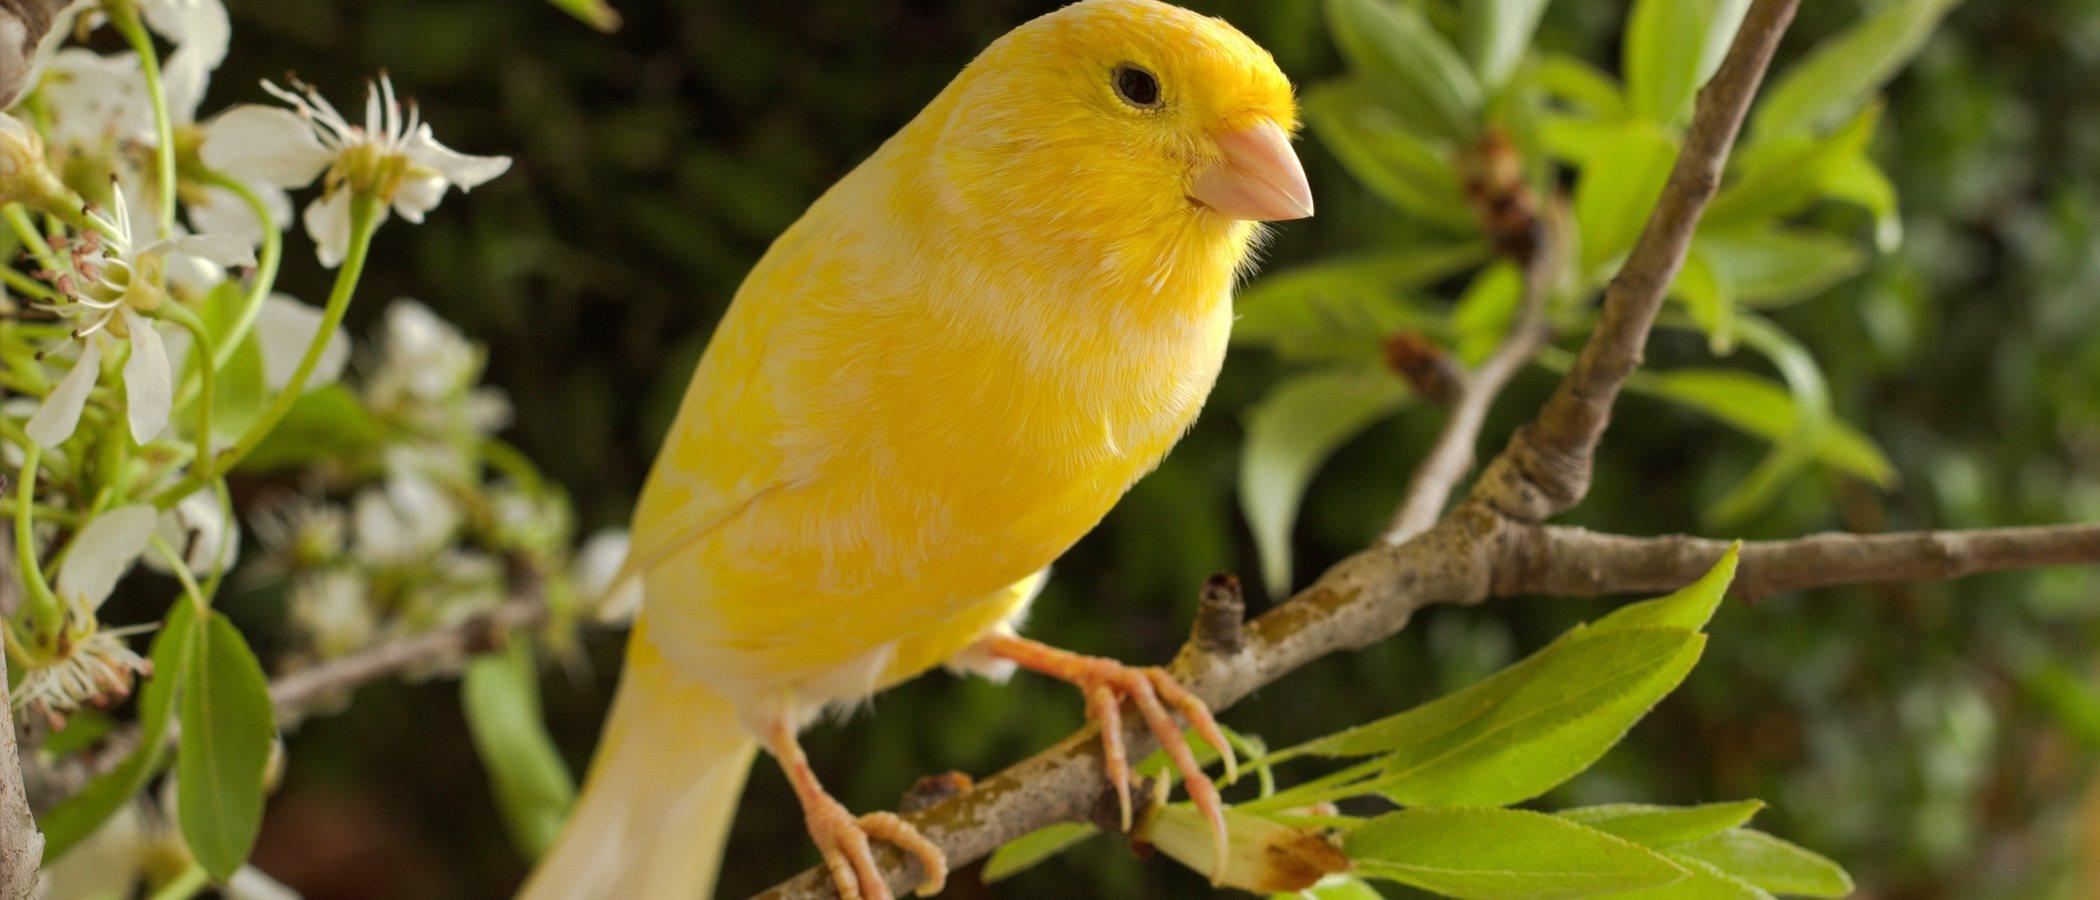 Ácaros en el plumaje de los canarios: todo lo que necesitas saber